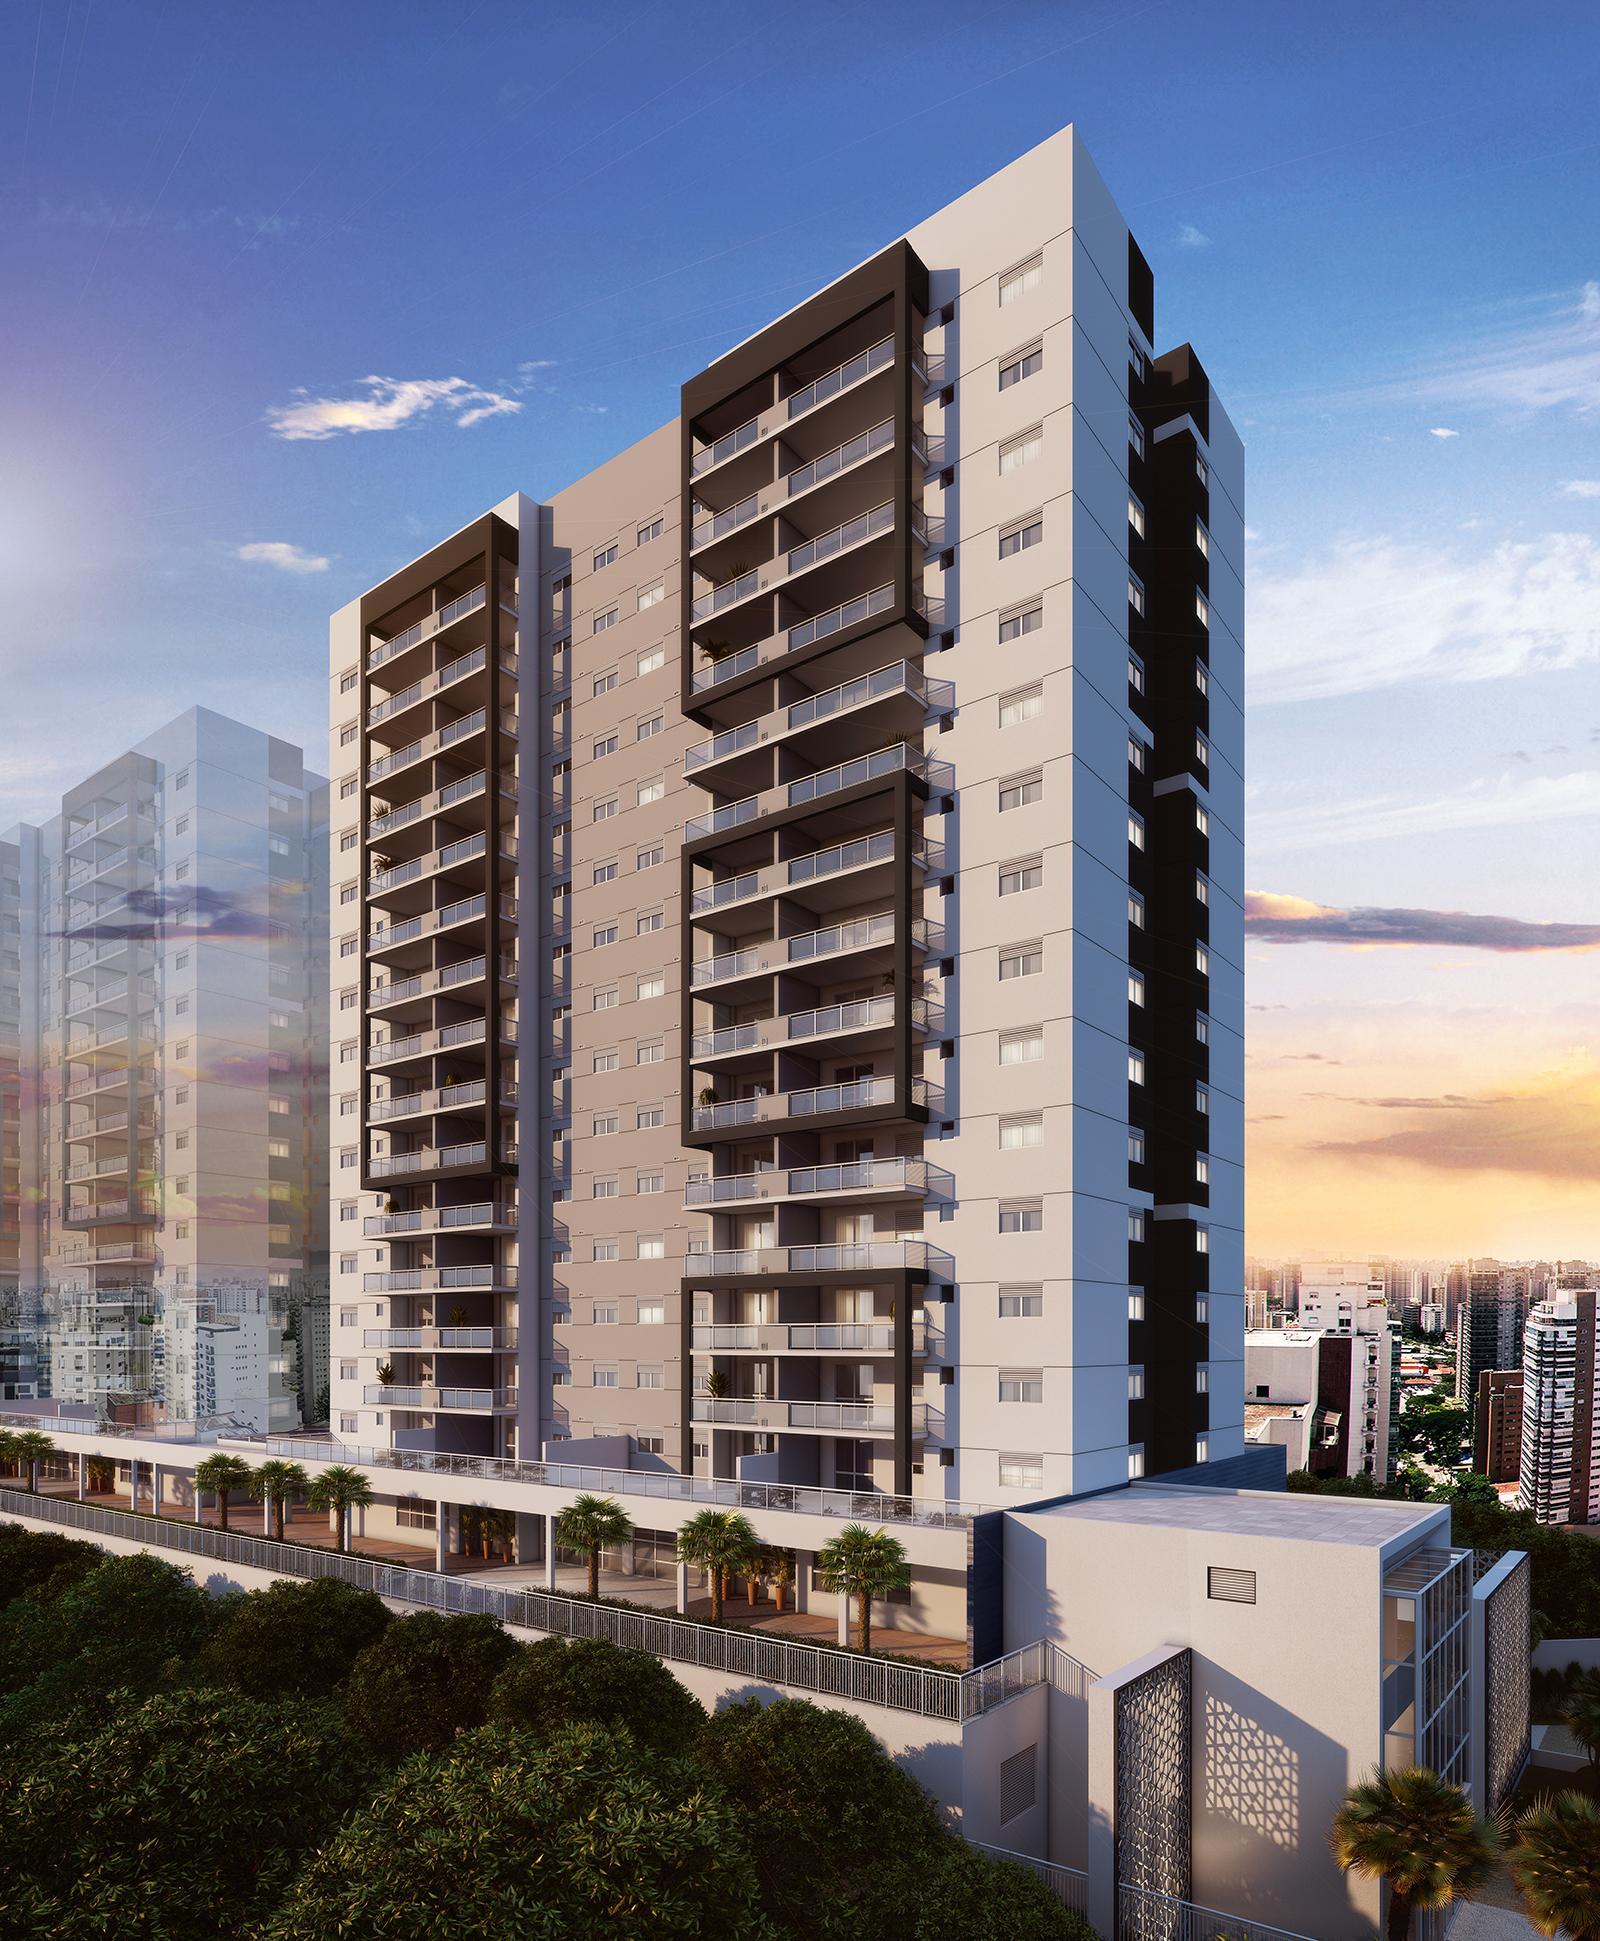 Fachada | Panamerica Brickell – Apartamentoem  Santo Amaro - São Paulo - São Paulo